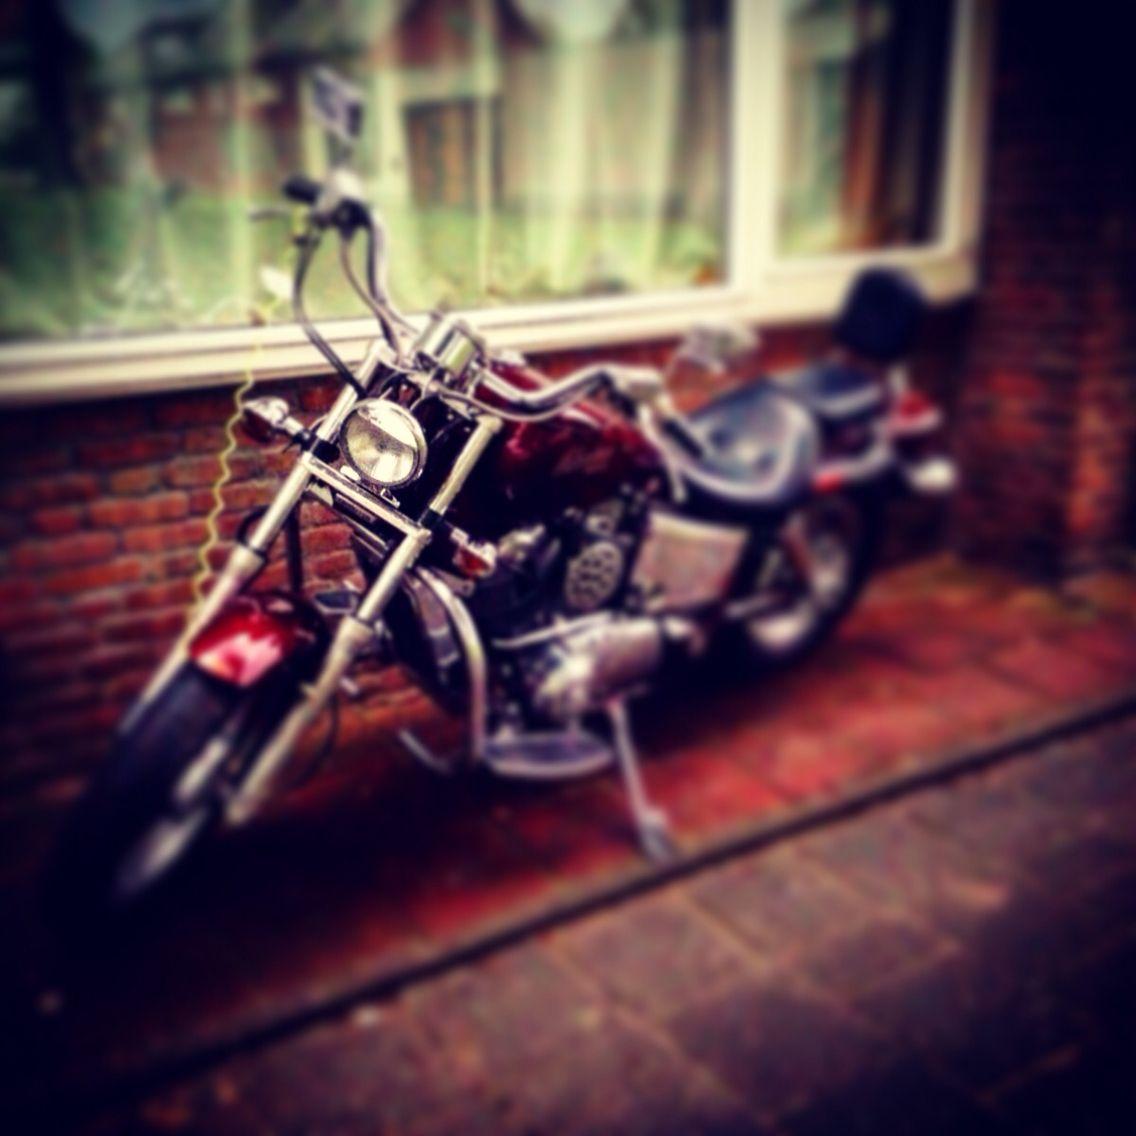 My bike: '88 Honda VT1100c